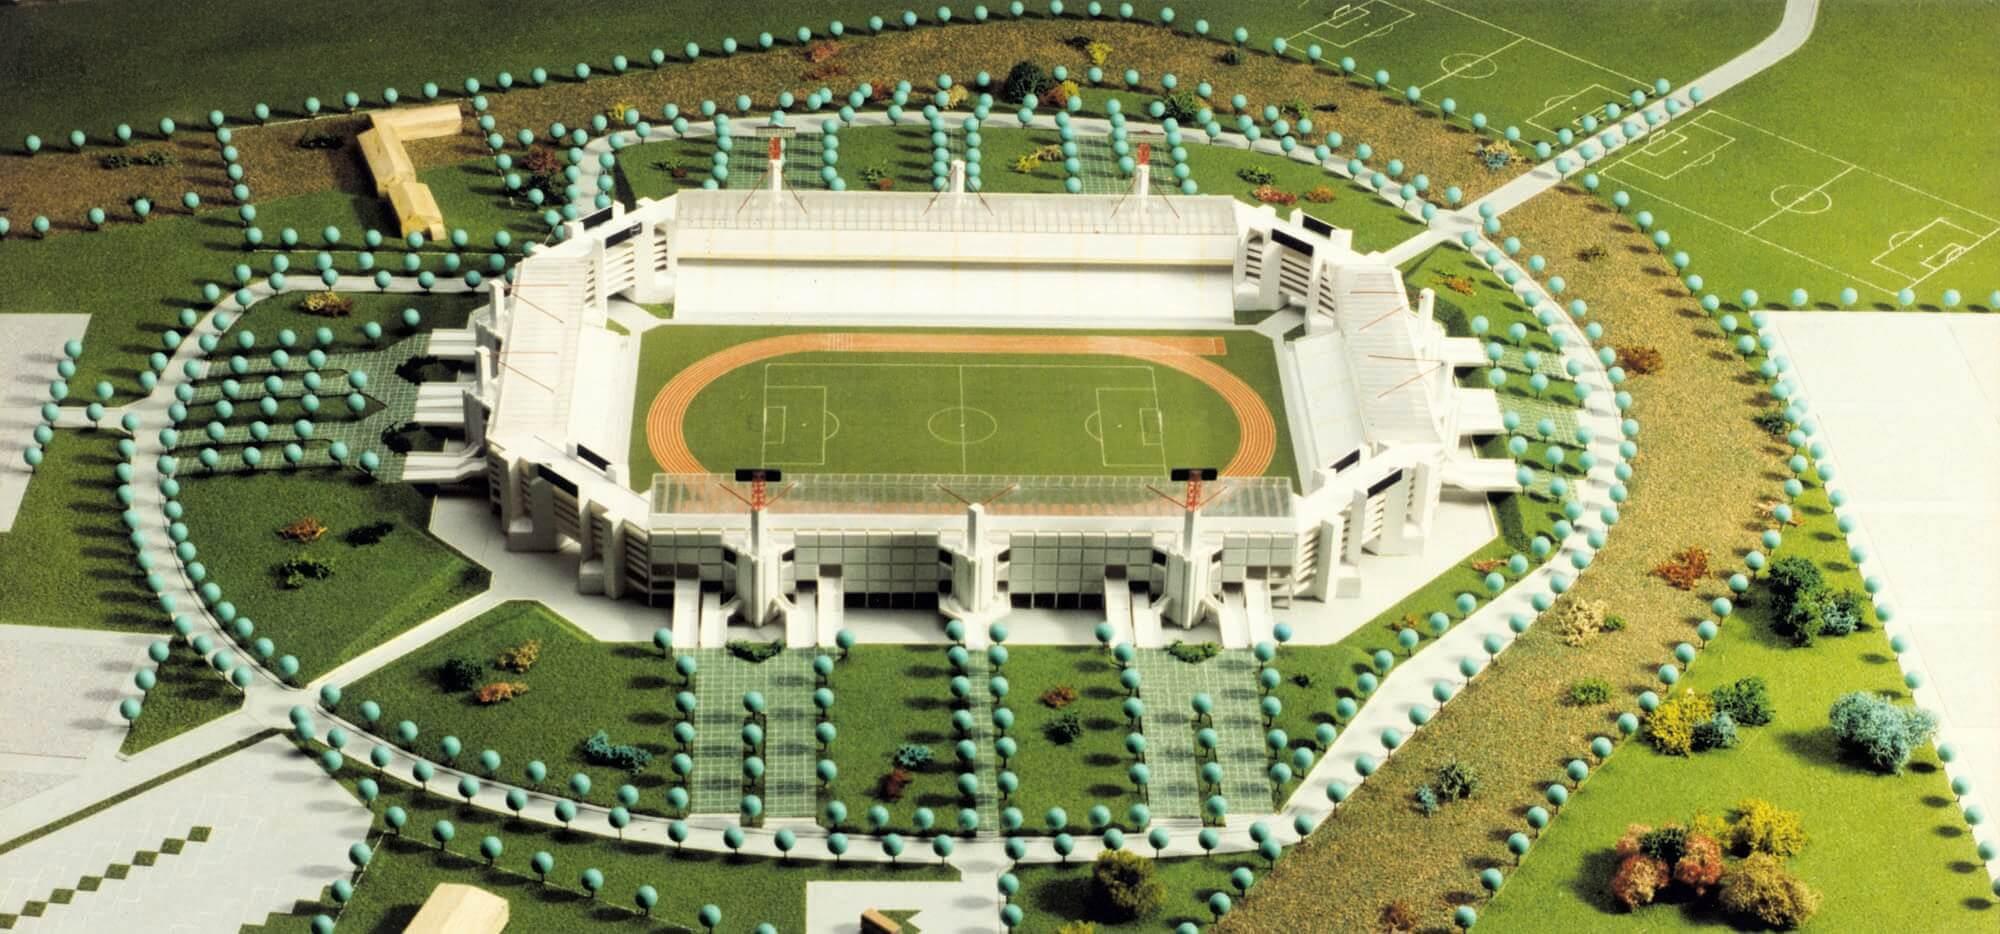 GAU-Arena-Padova-Euganeo-Stadium-Stadio-1